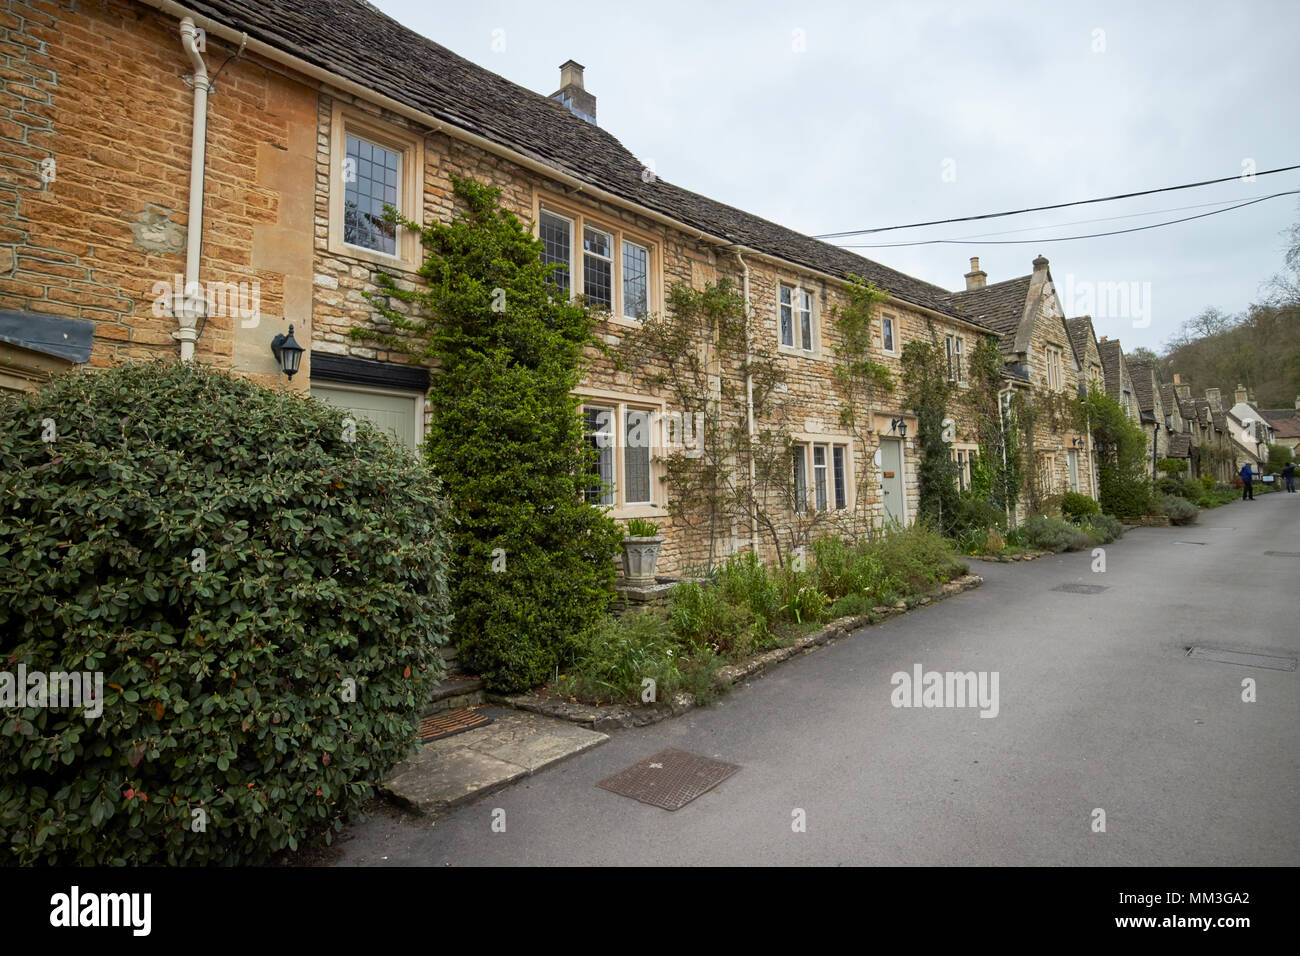 Aufgeführten Cottages und alten Steinmauern auf West Street Castle Combe Dorf wiltshire England Großbritannien Stockbild